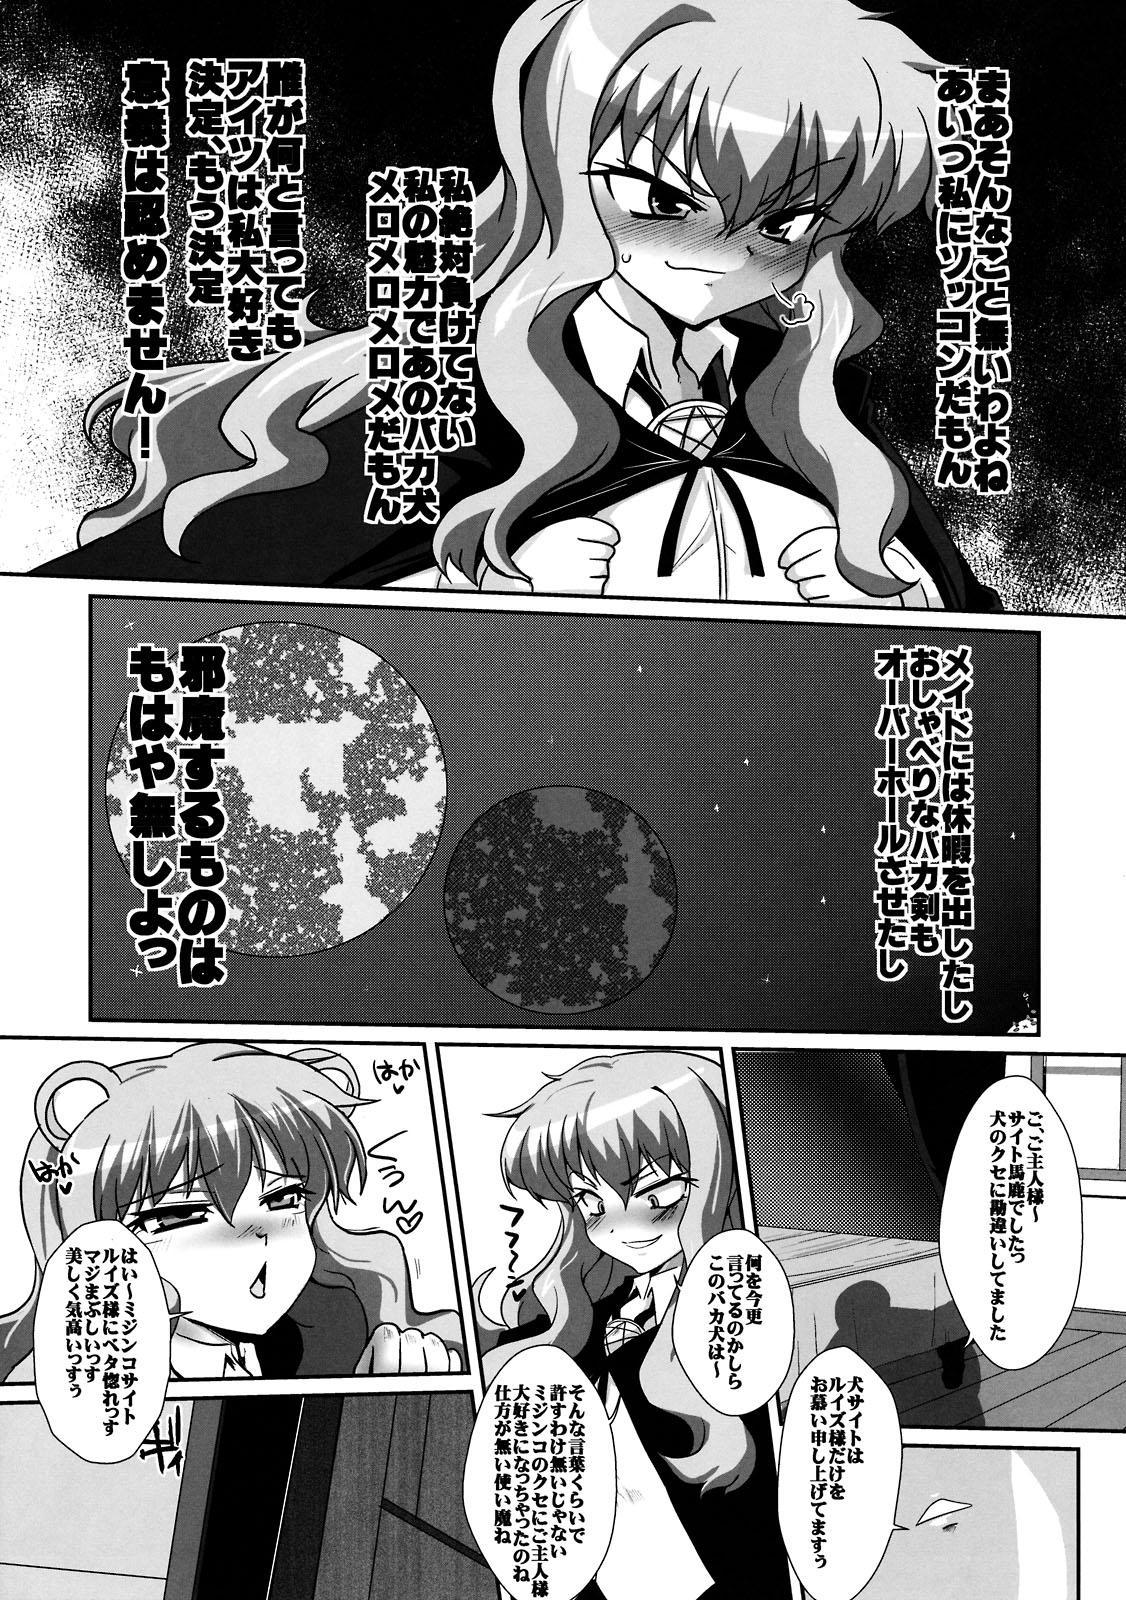 Kouda no Goshujin-sama 4